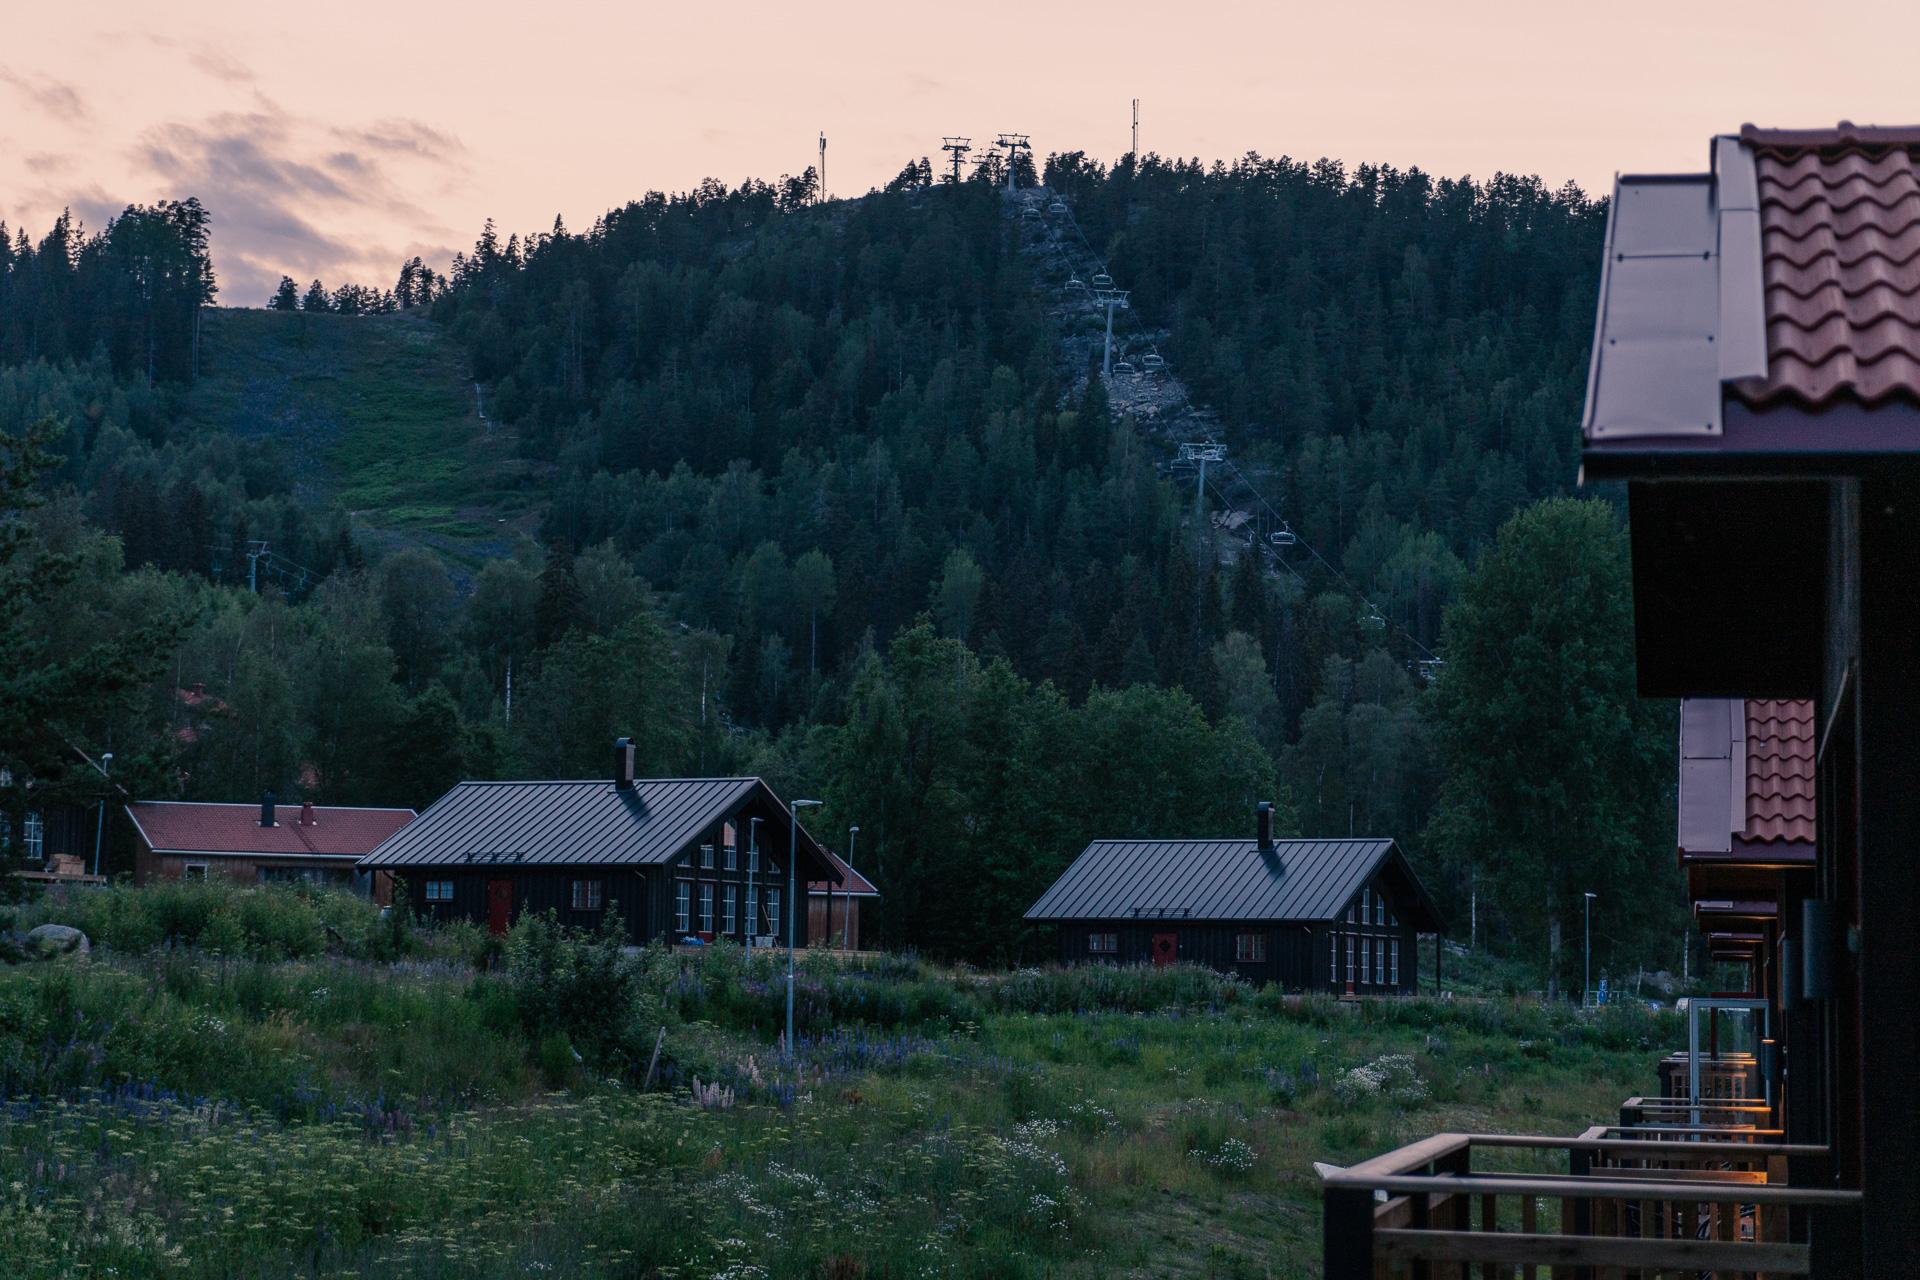 Järvsö Bergcykelpark